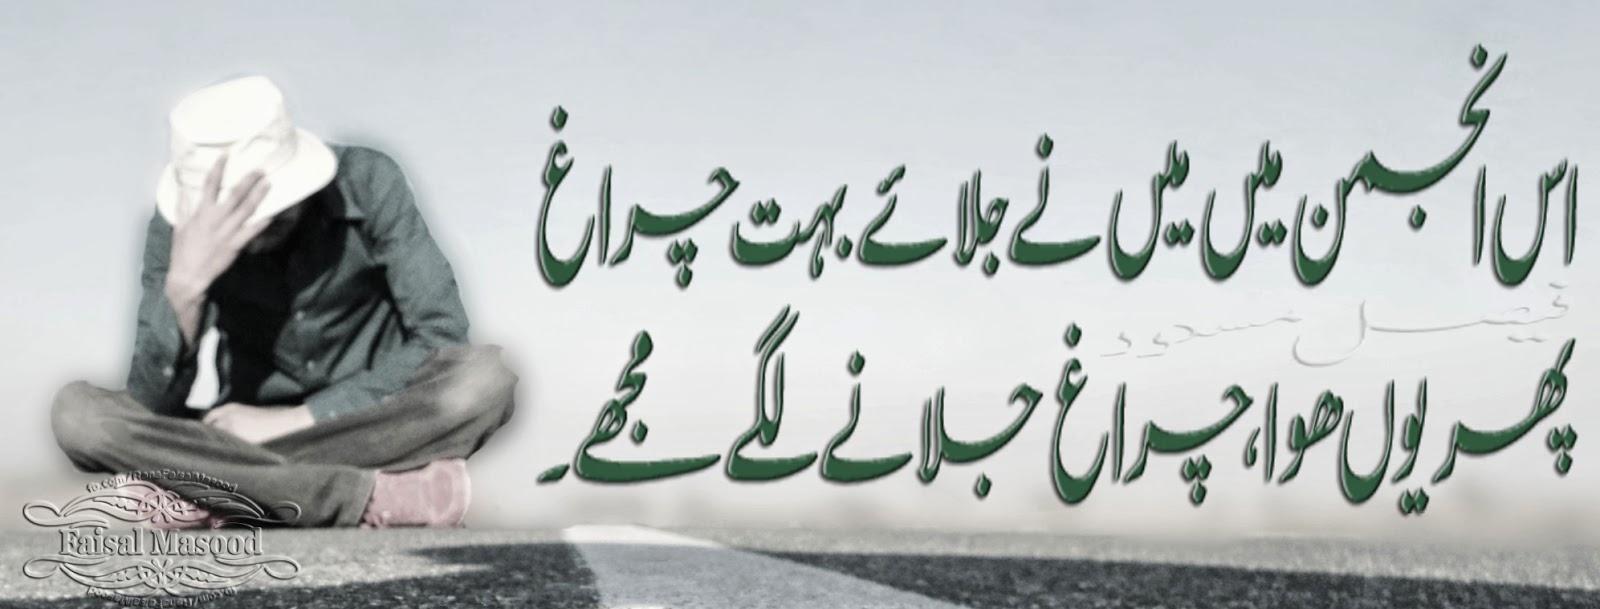 Chiragh E Anjuman SMS Shayari In Urdu